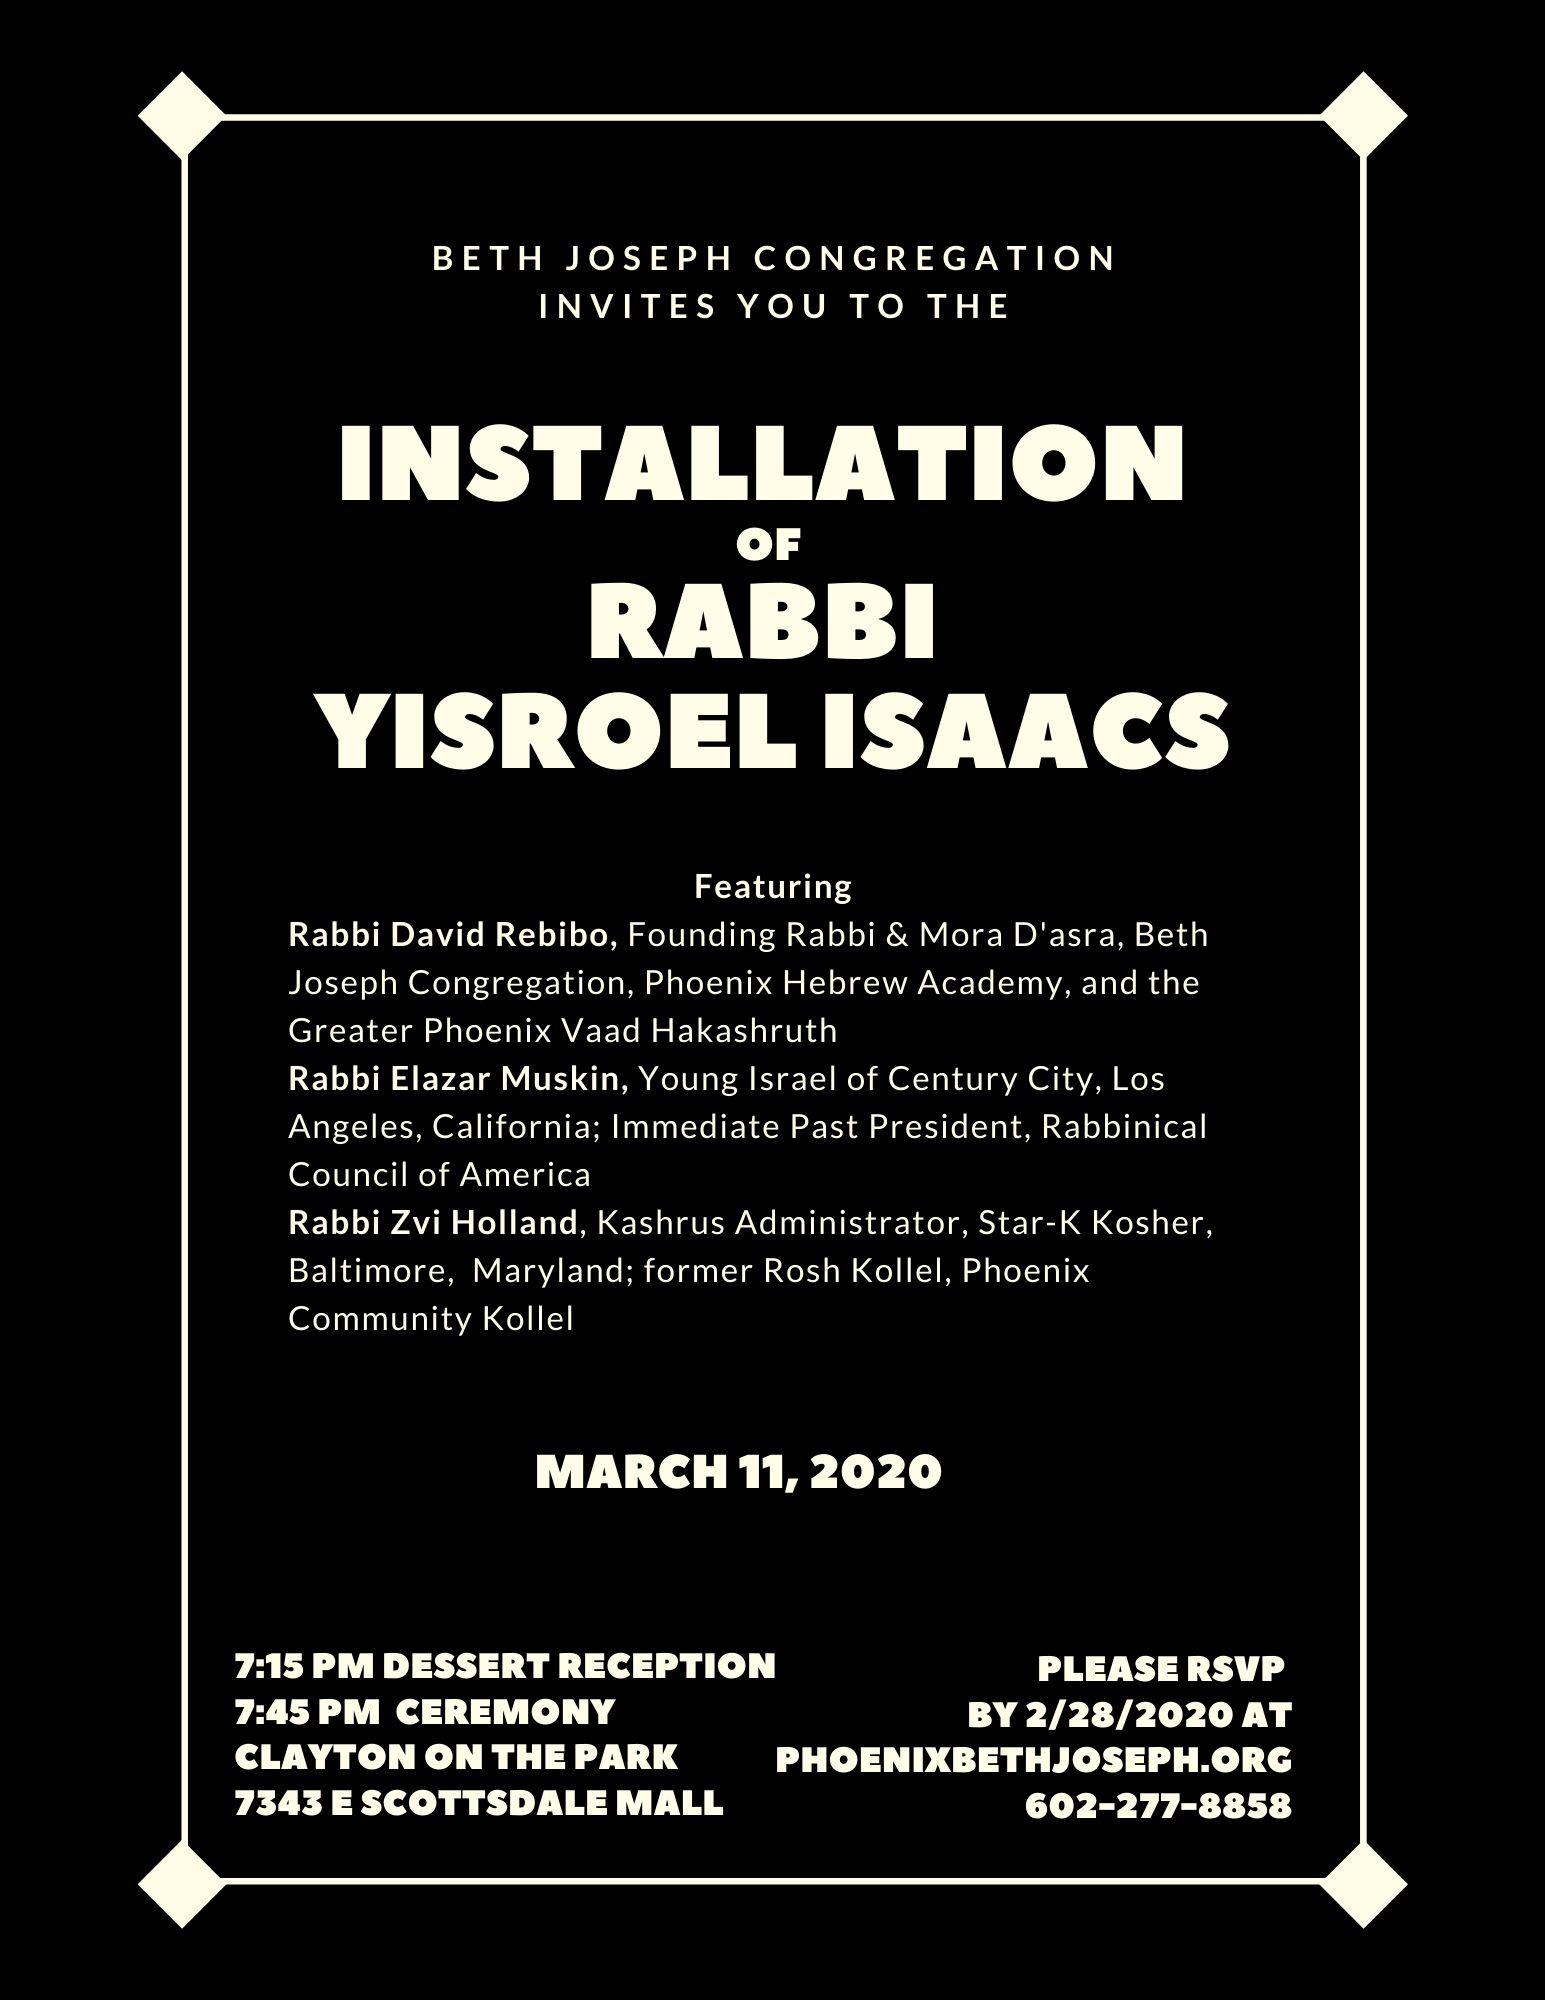 bjc_installation-yi